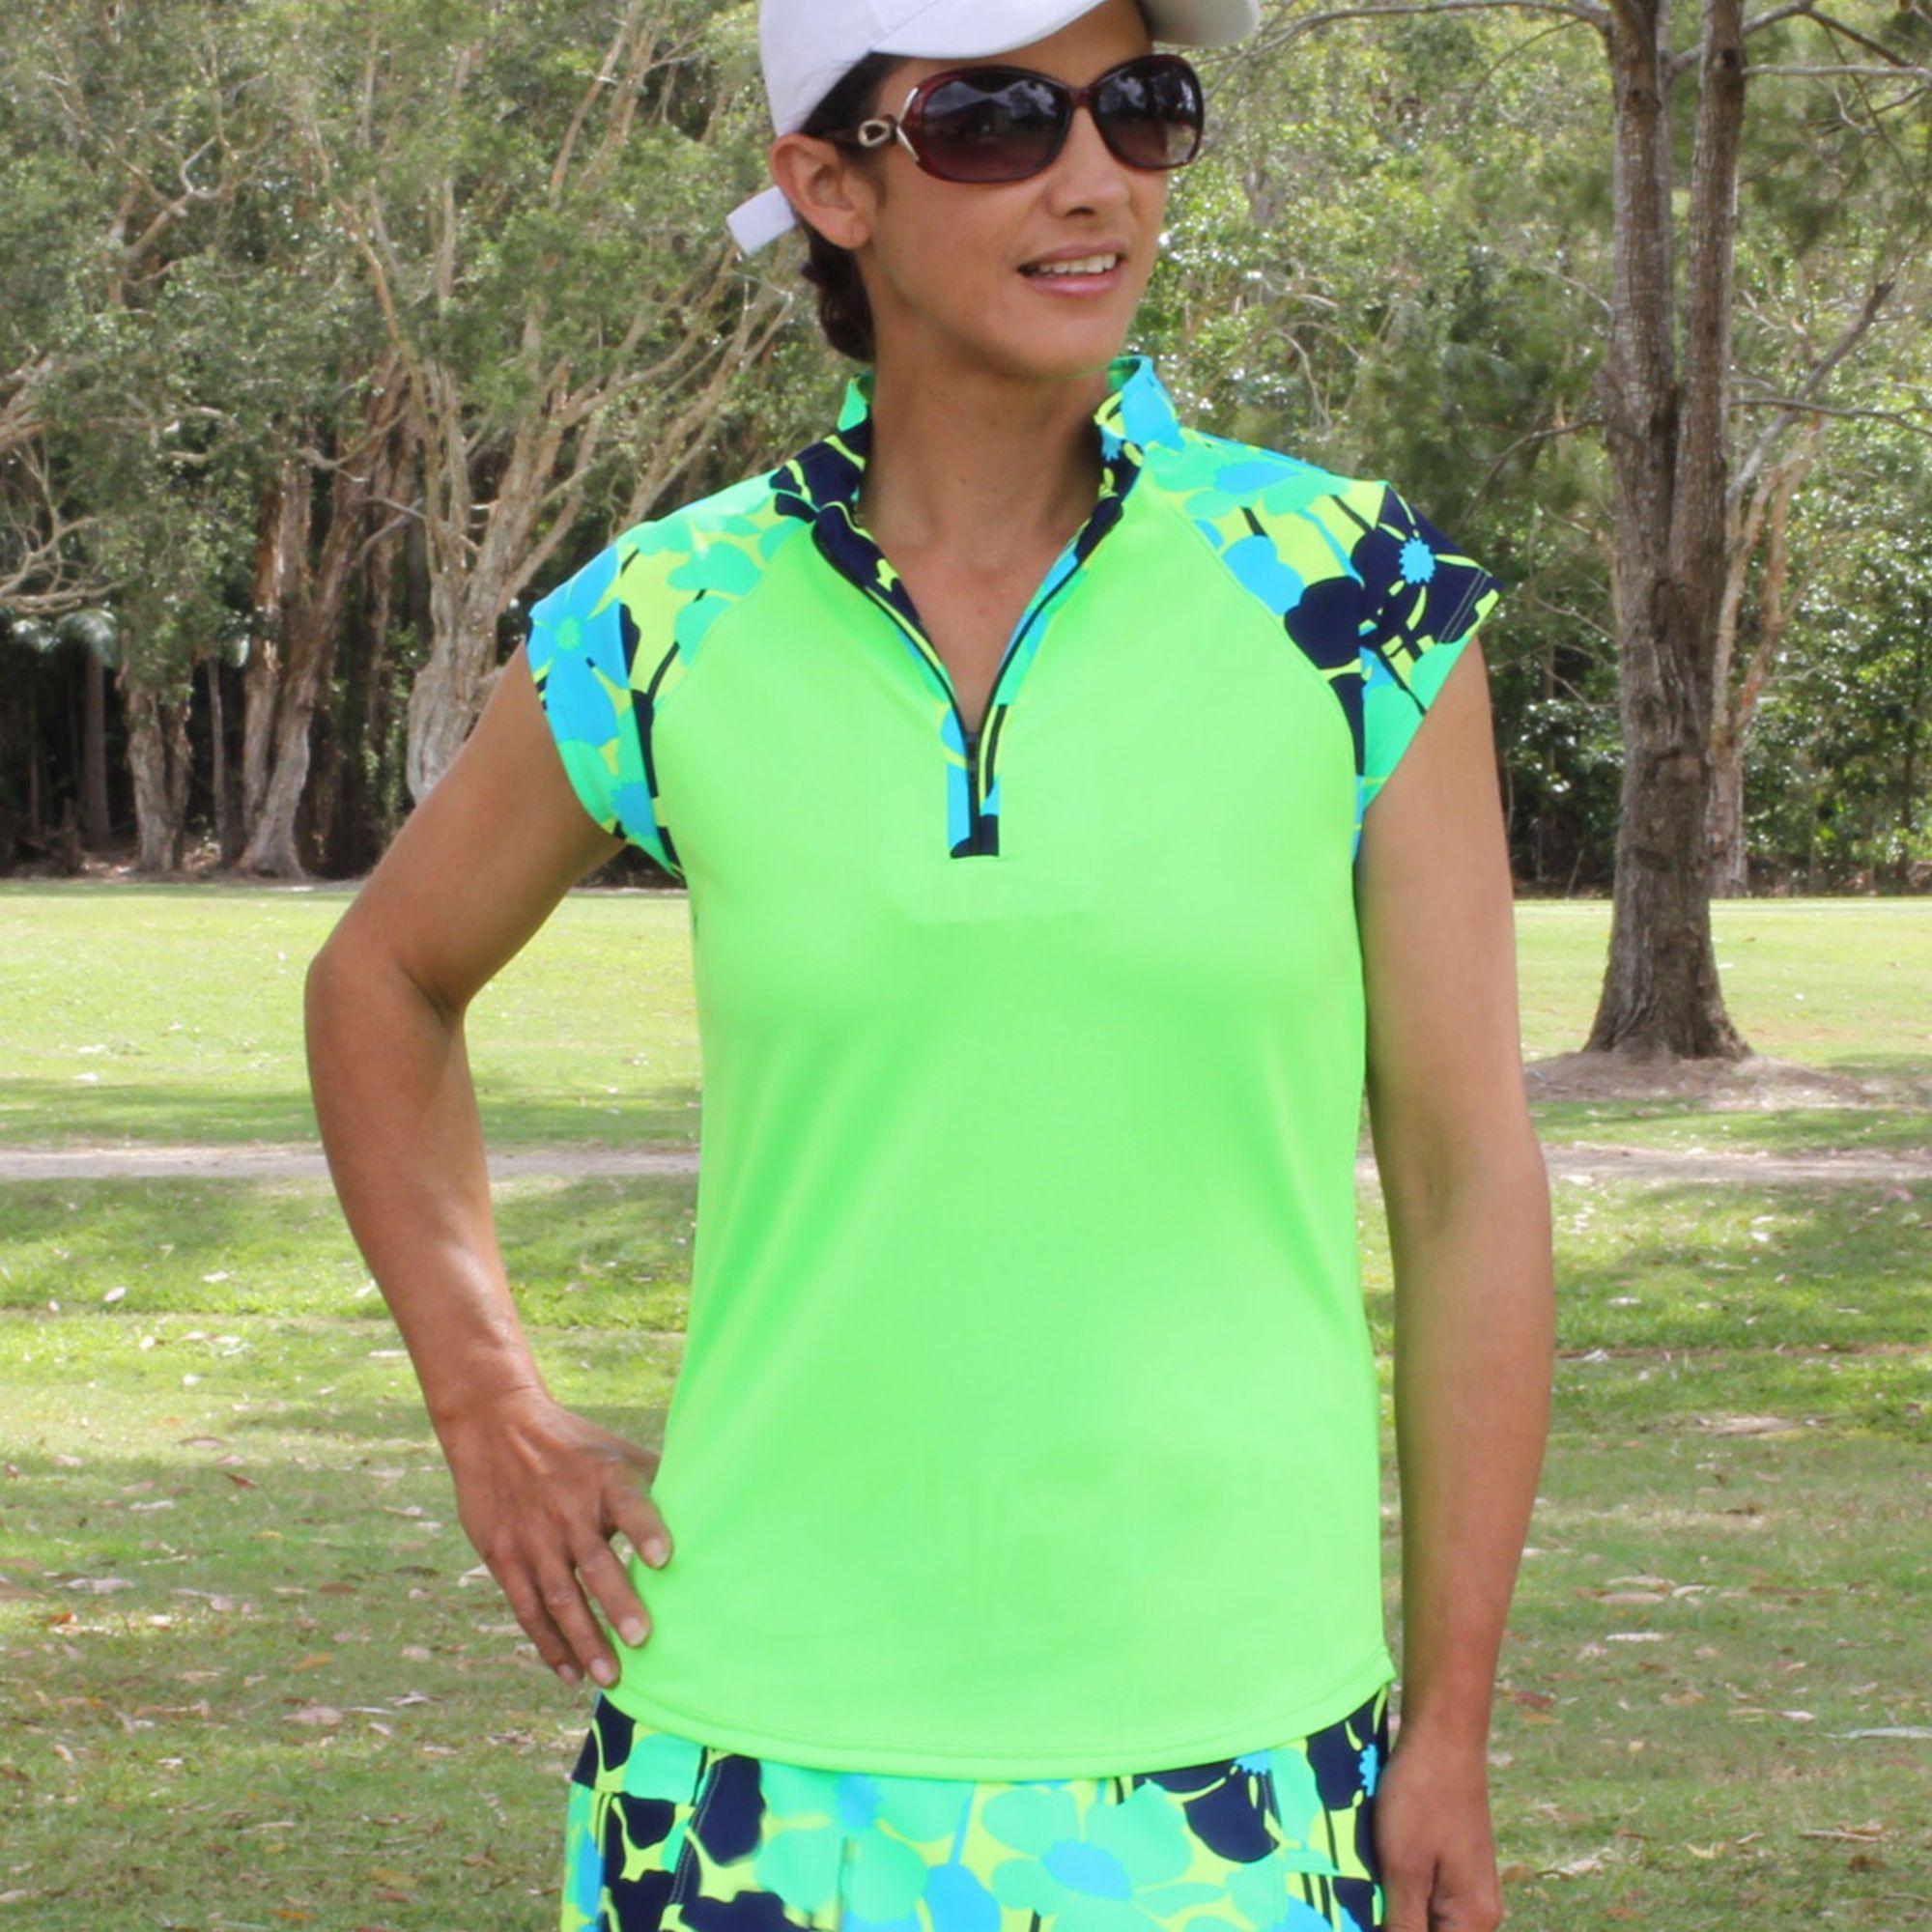 Cute golf outfit in bright green in 2020 cute golf